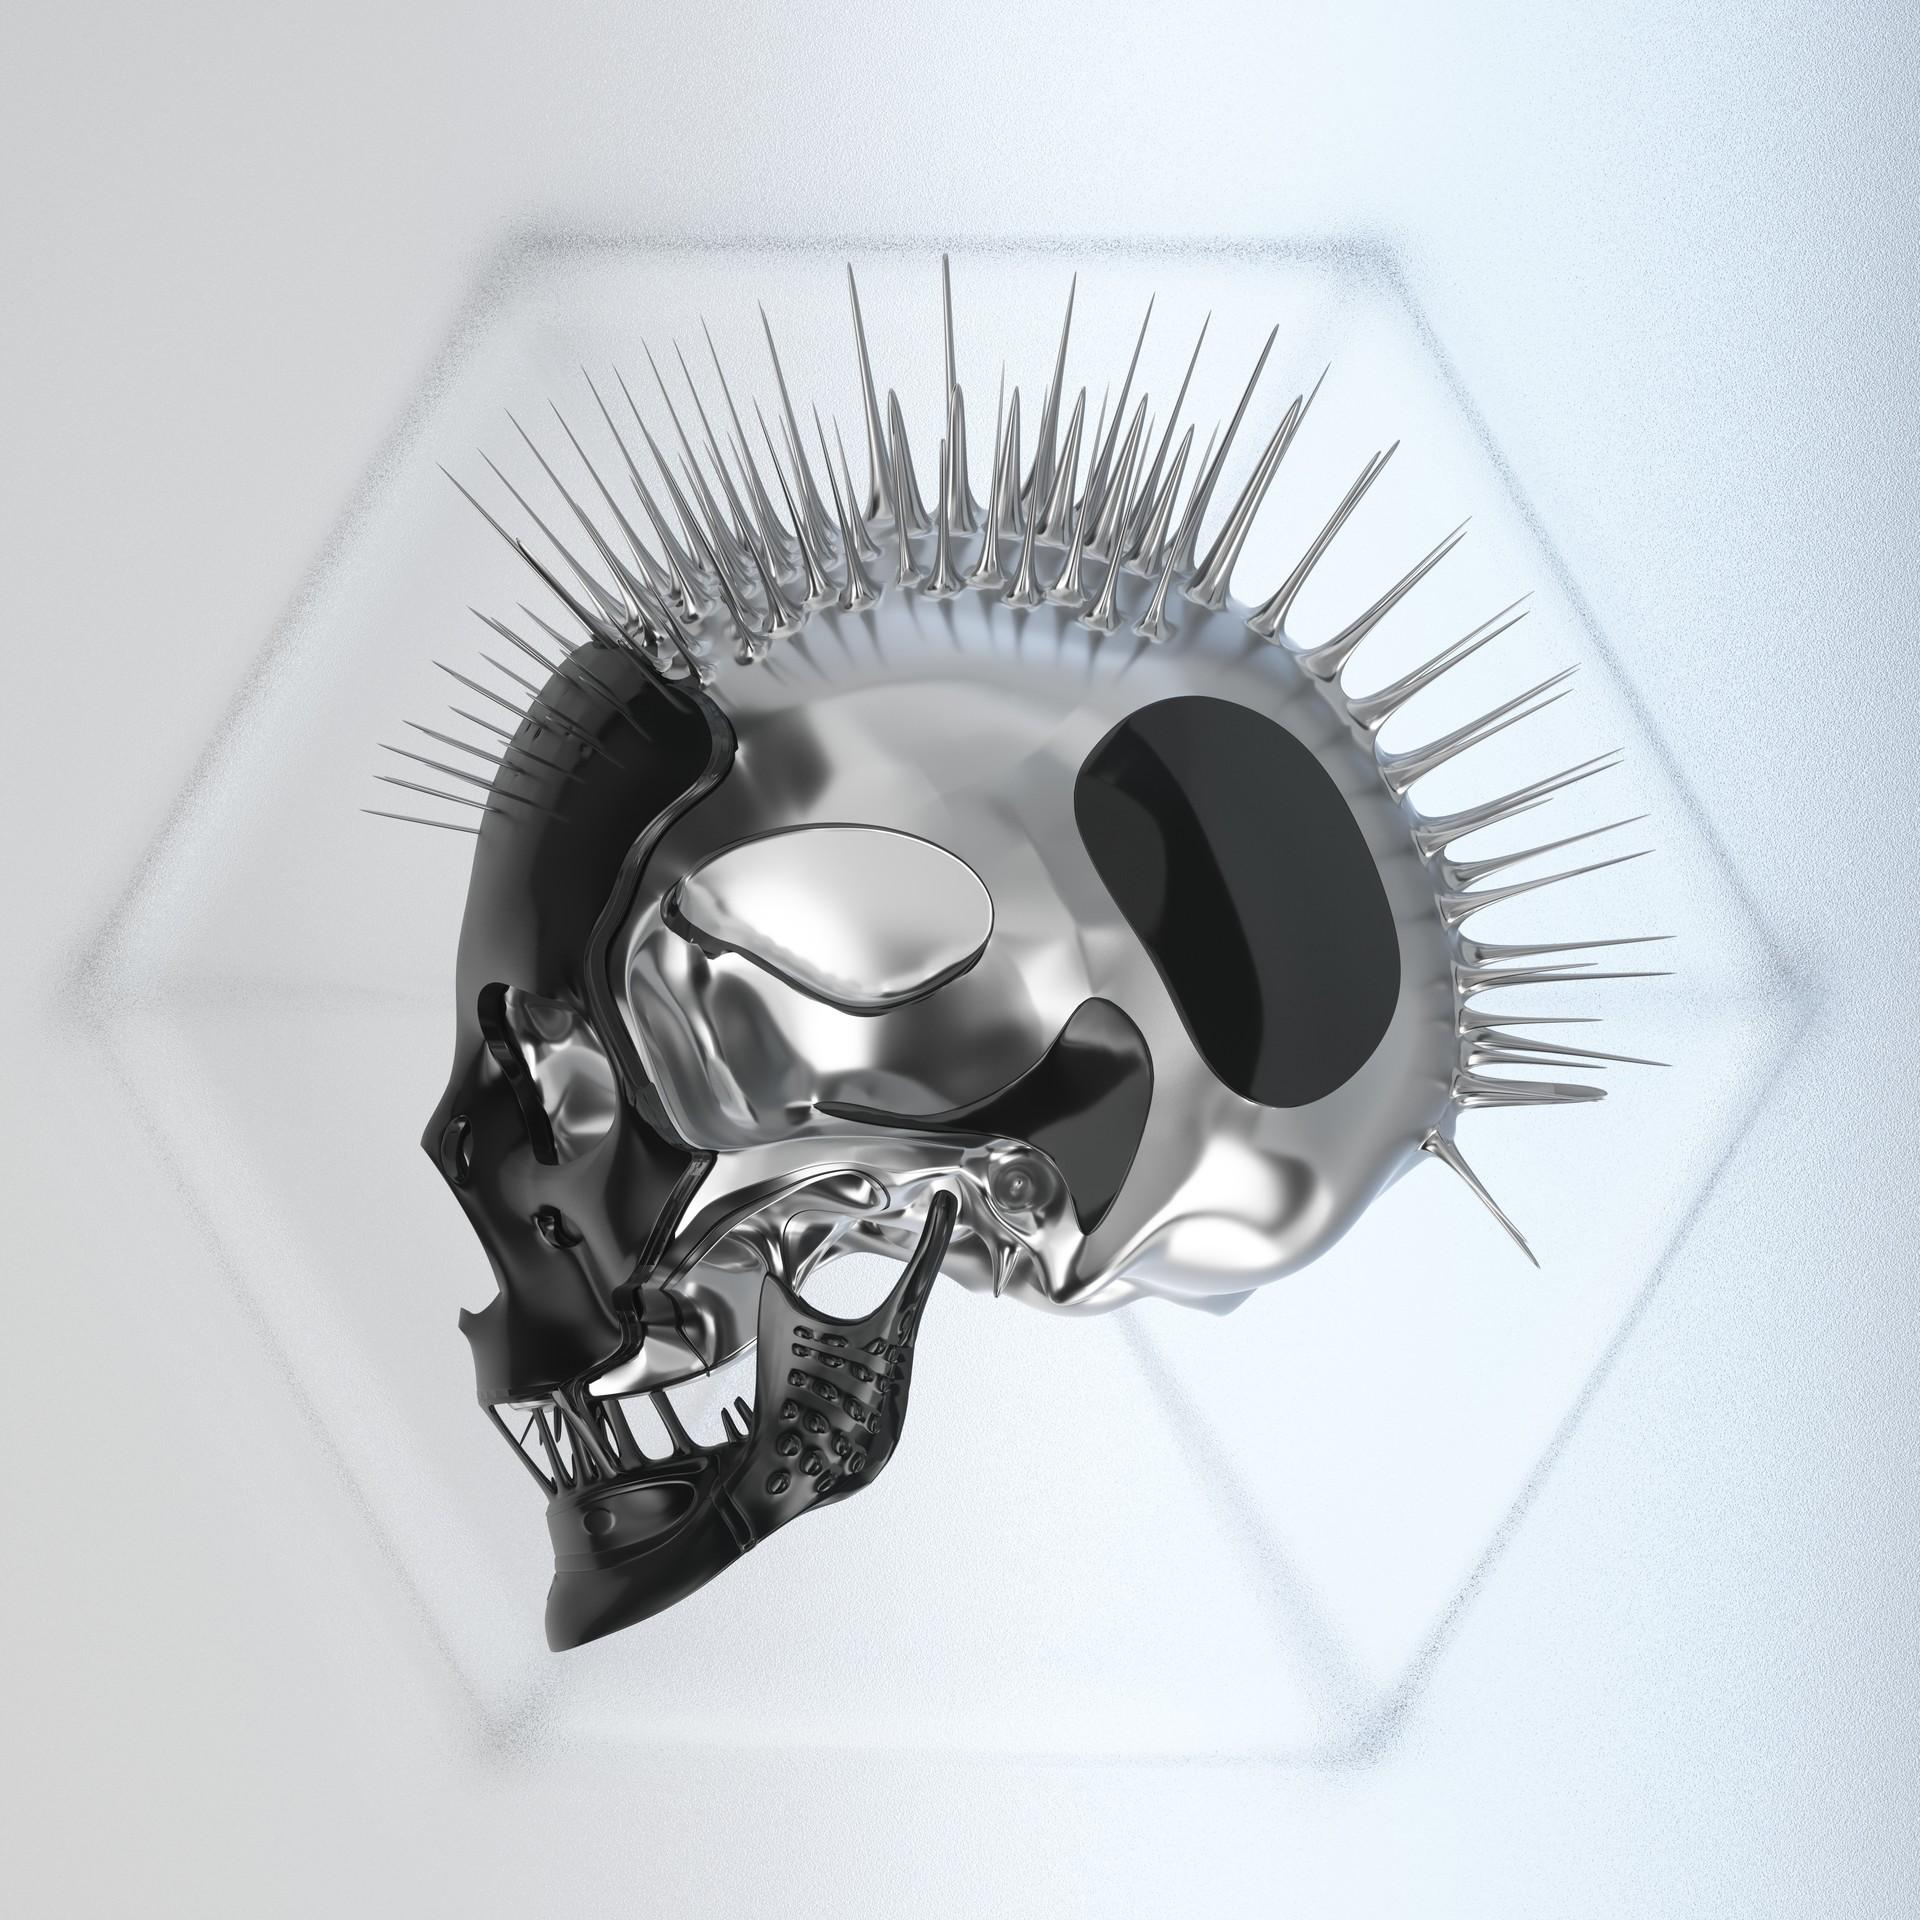 Kresimir jelusic robob3ar 373 201016 skl 20